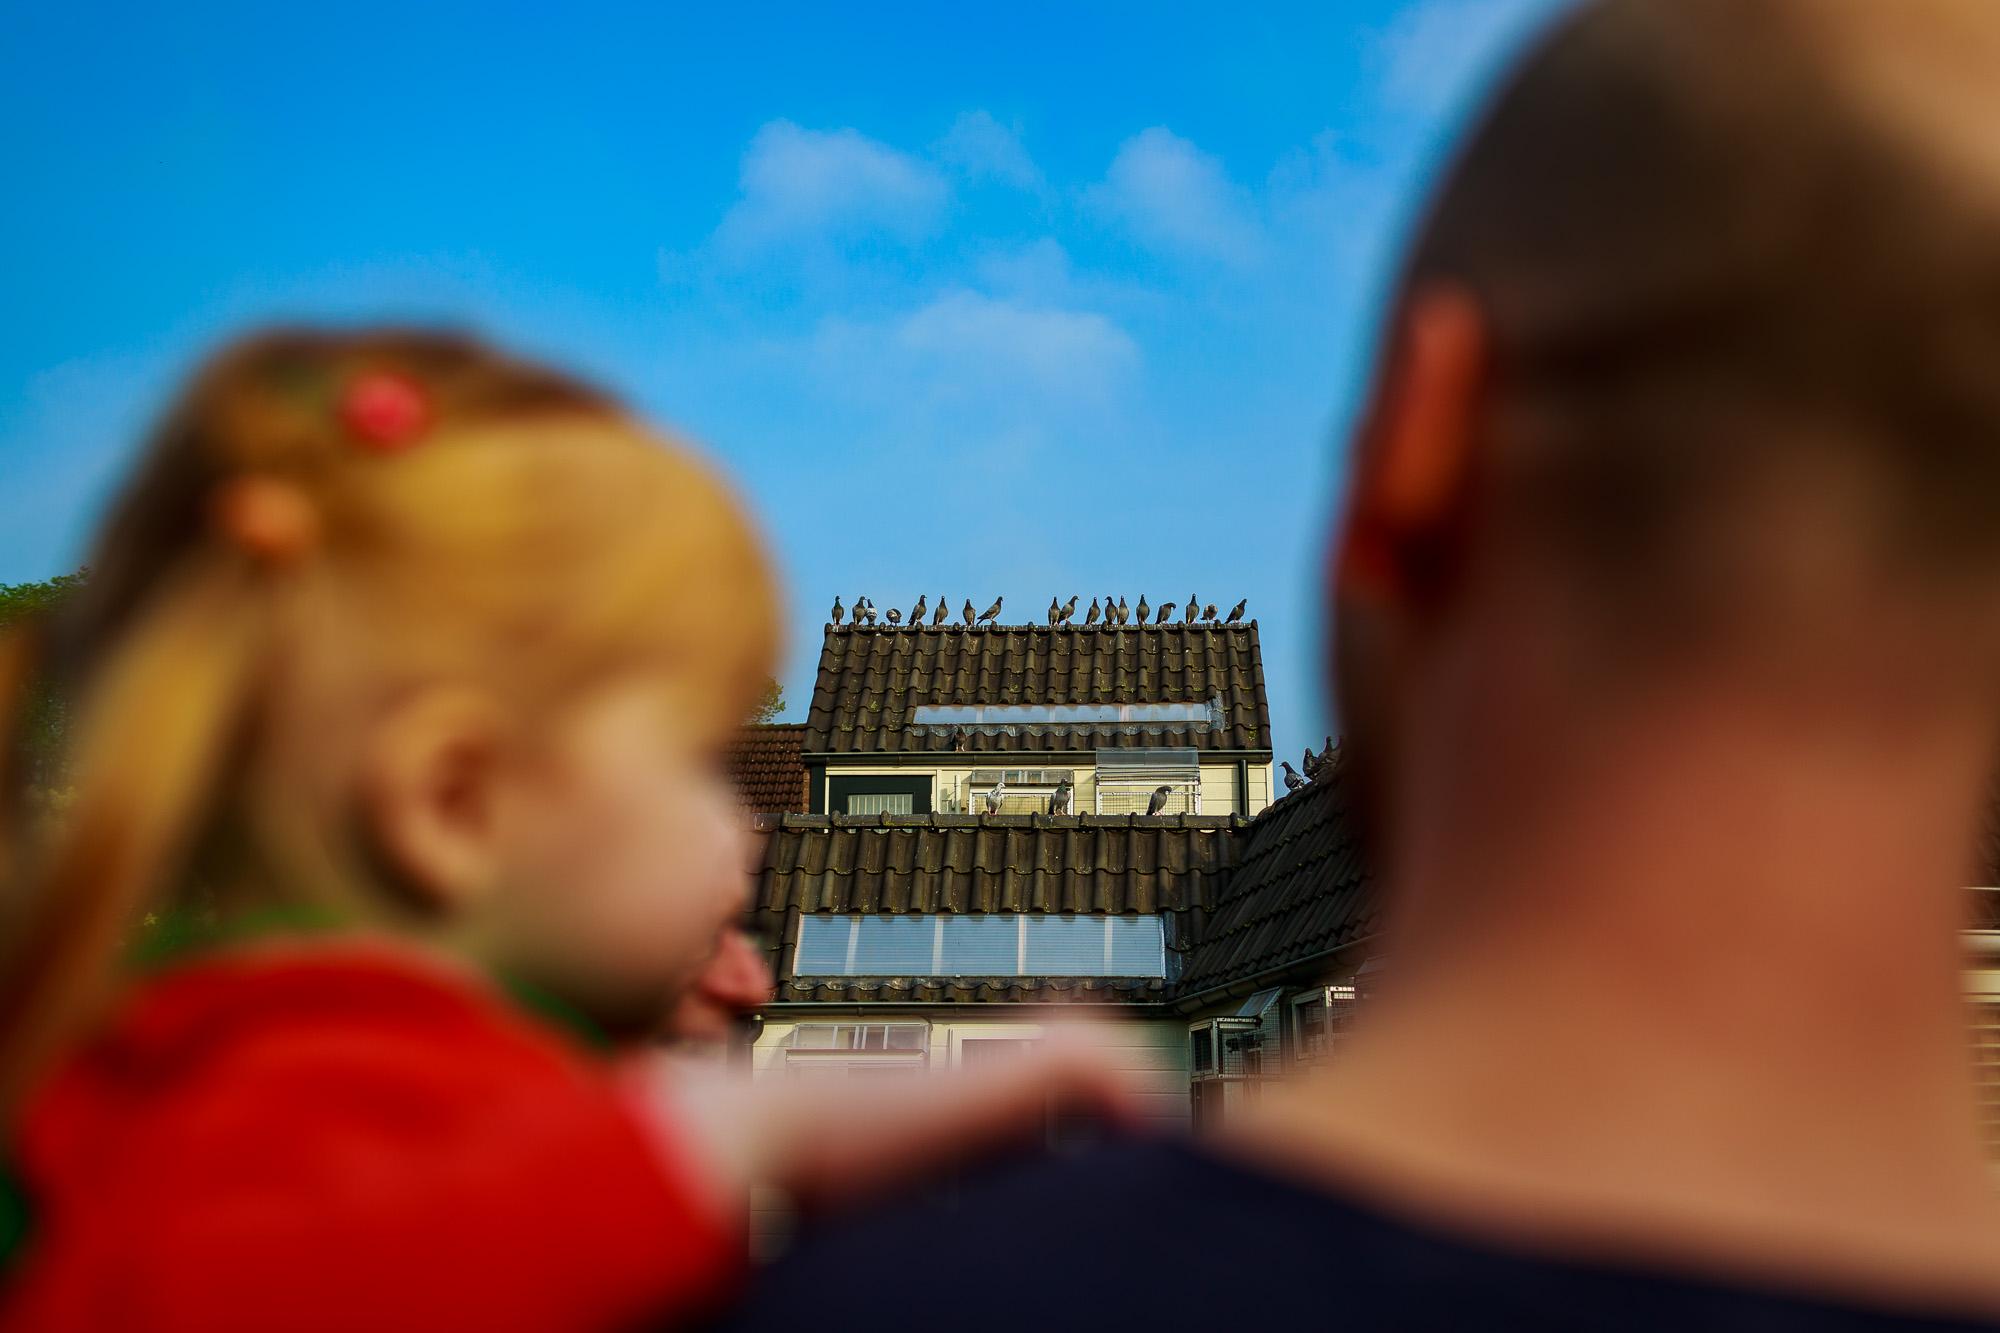 Familiefotoshoot Utrecht | Ongeposeerde kinderfotografie | Kinderfotograaf Utrecht | Kinderfotografie Amersfoort | Day in the life